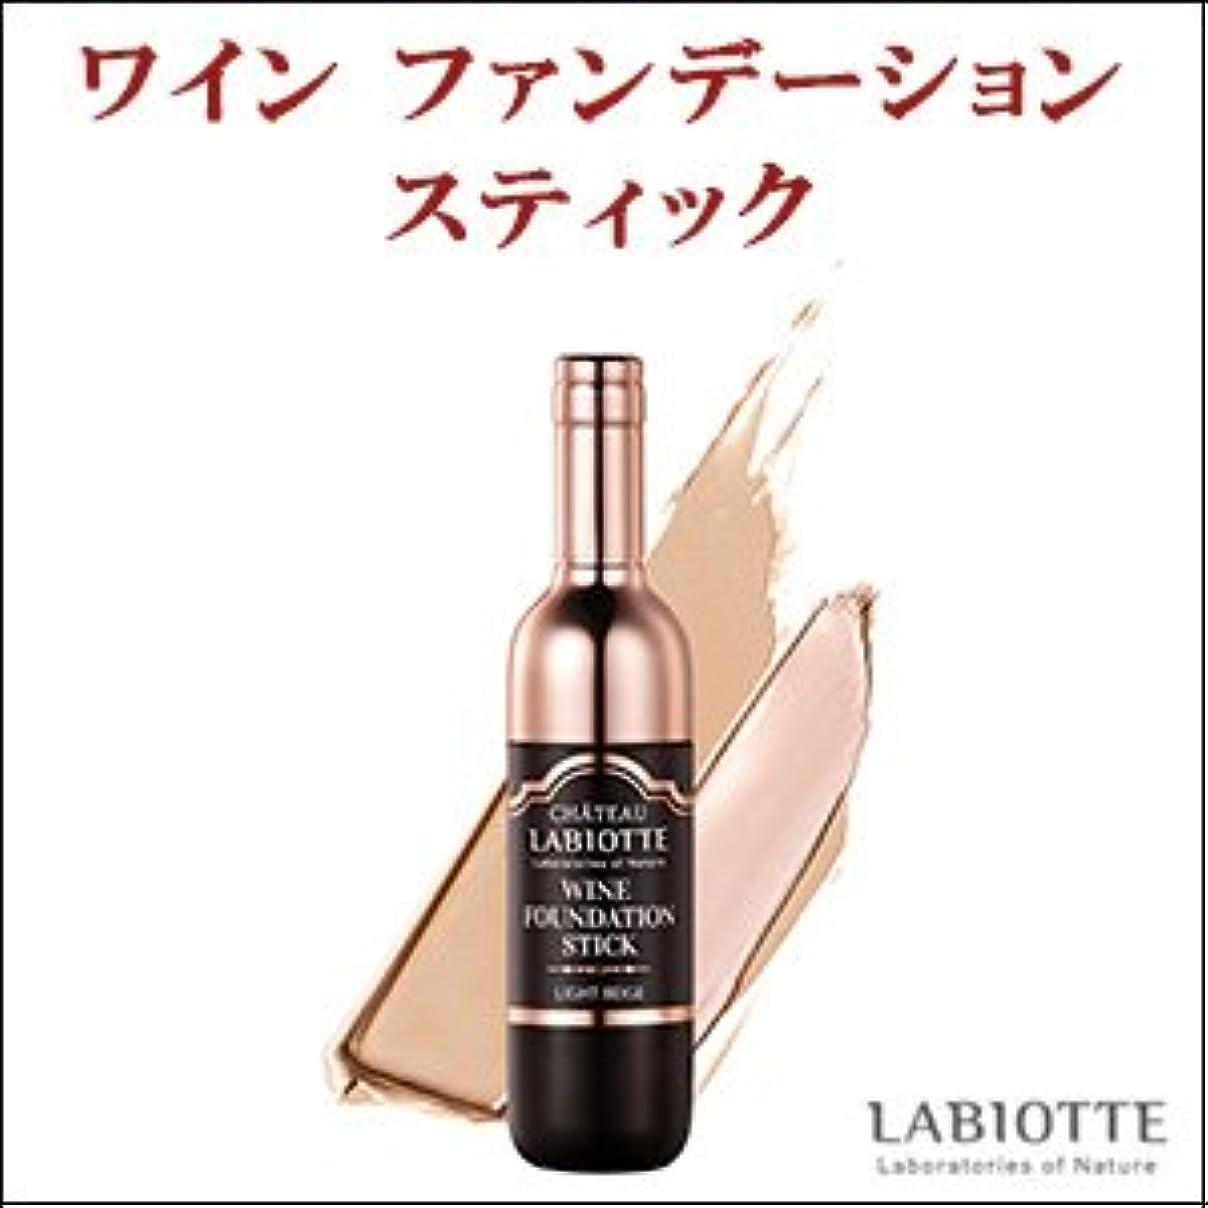 魅力有効評決LABIOTTE シャトー ラビオッテ ワイン ファンデーション スティック カラー:BE23 ナチュラルベージュ